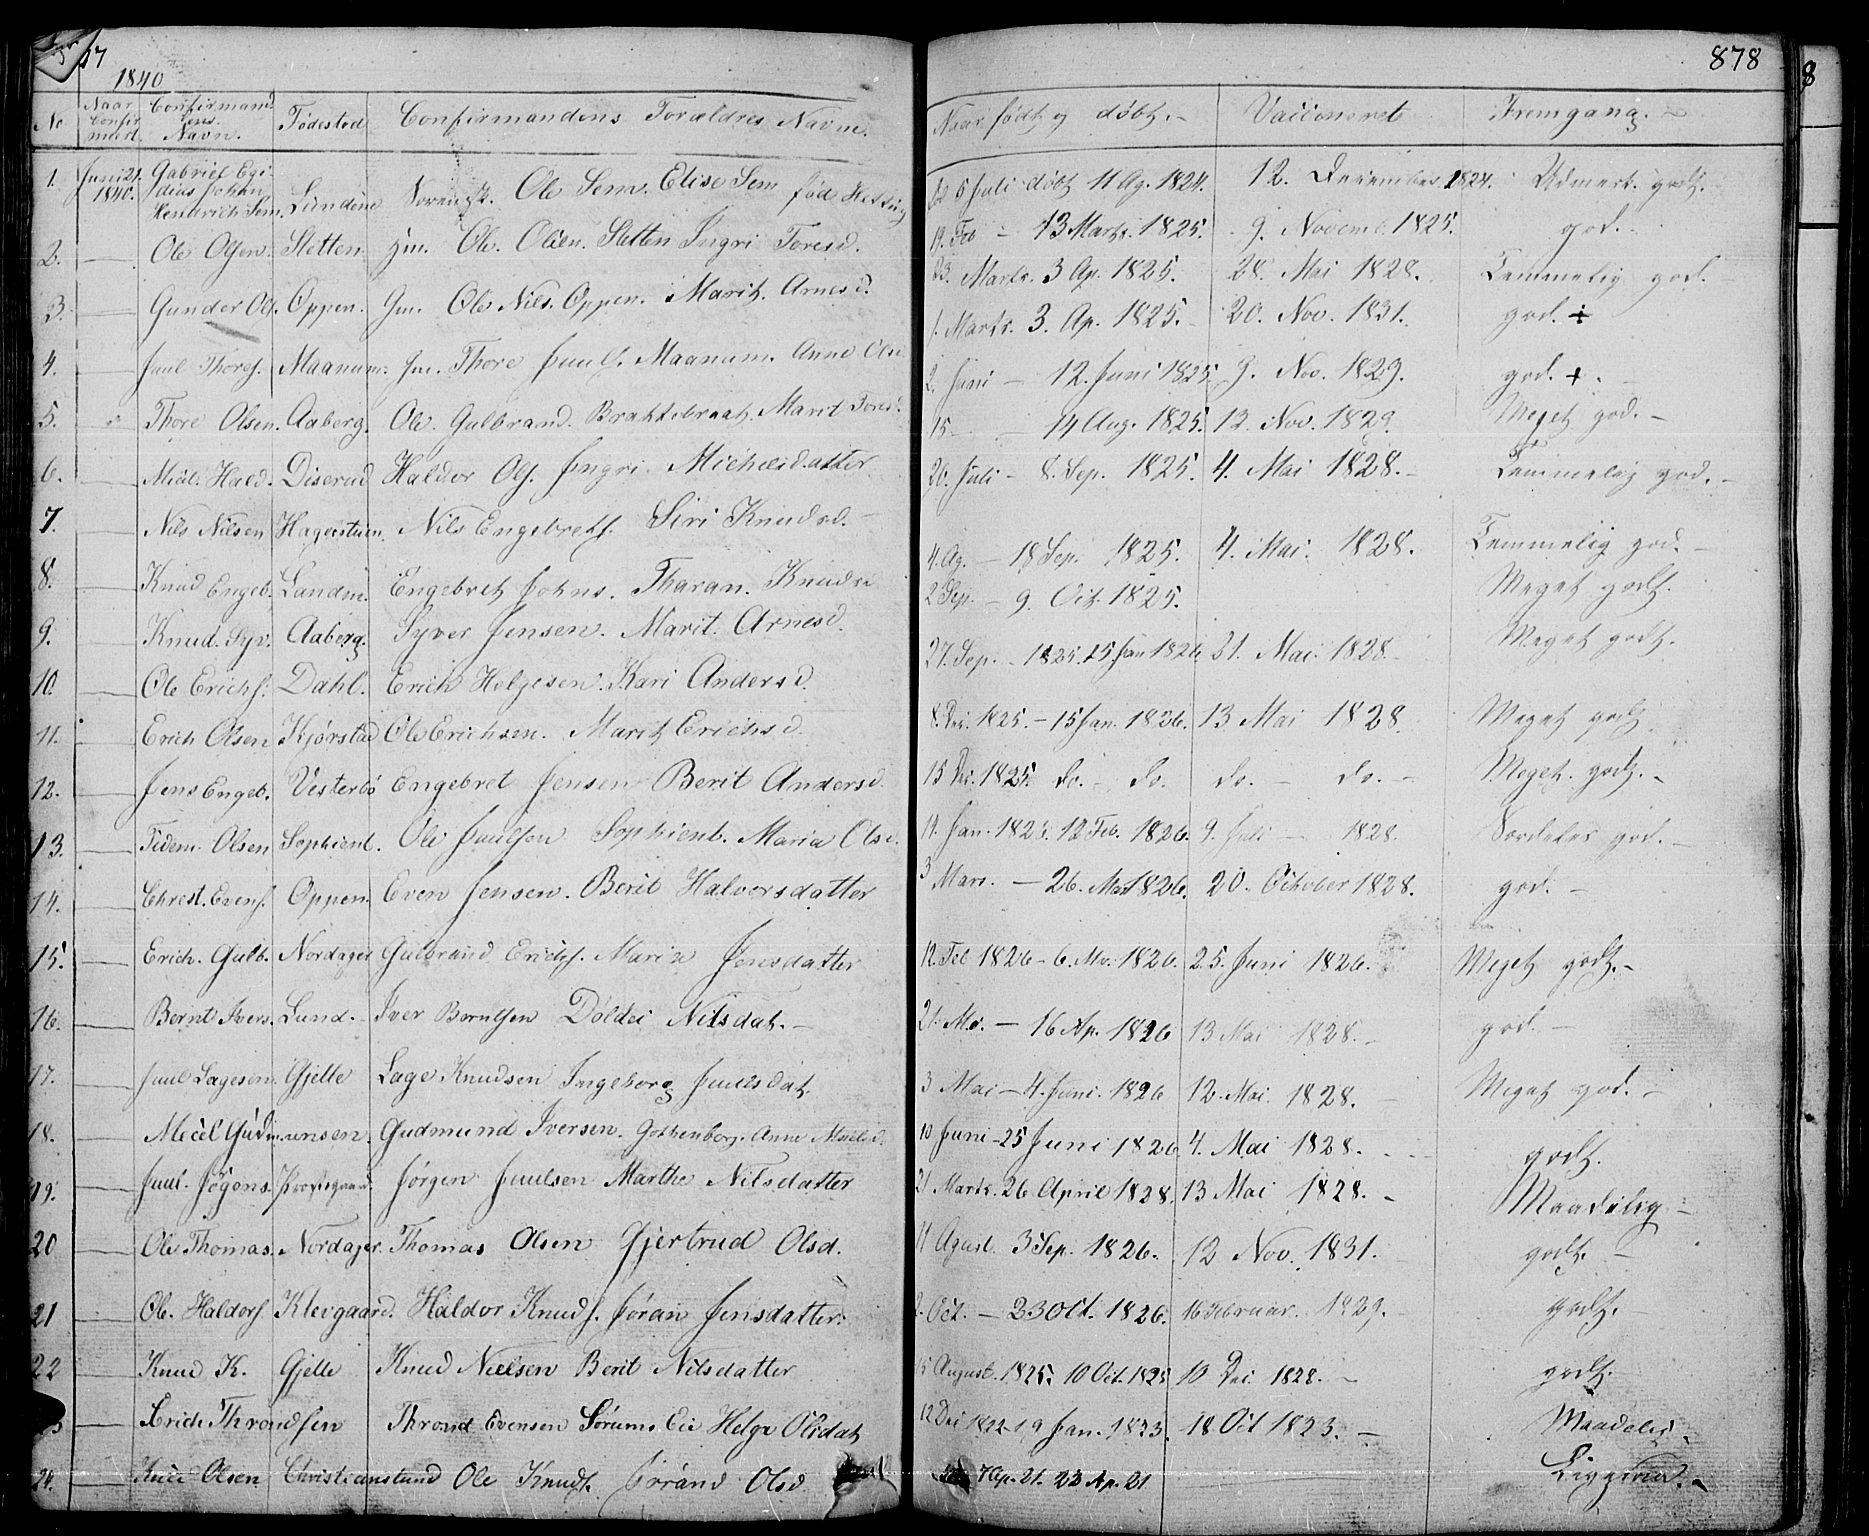 SAH, Nord-Aurdal prestekontor, Klokkerbok nr. 1, 1834-1887, s. 877-878